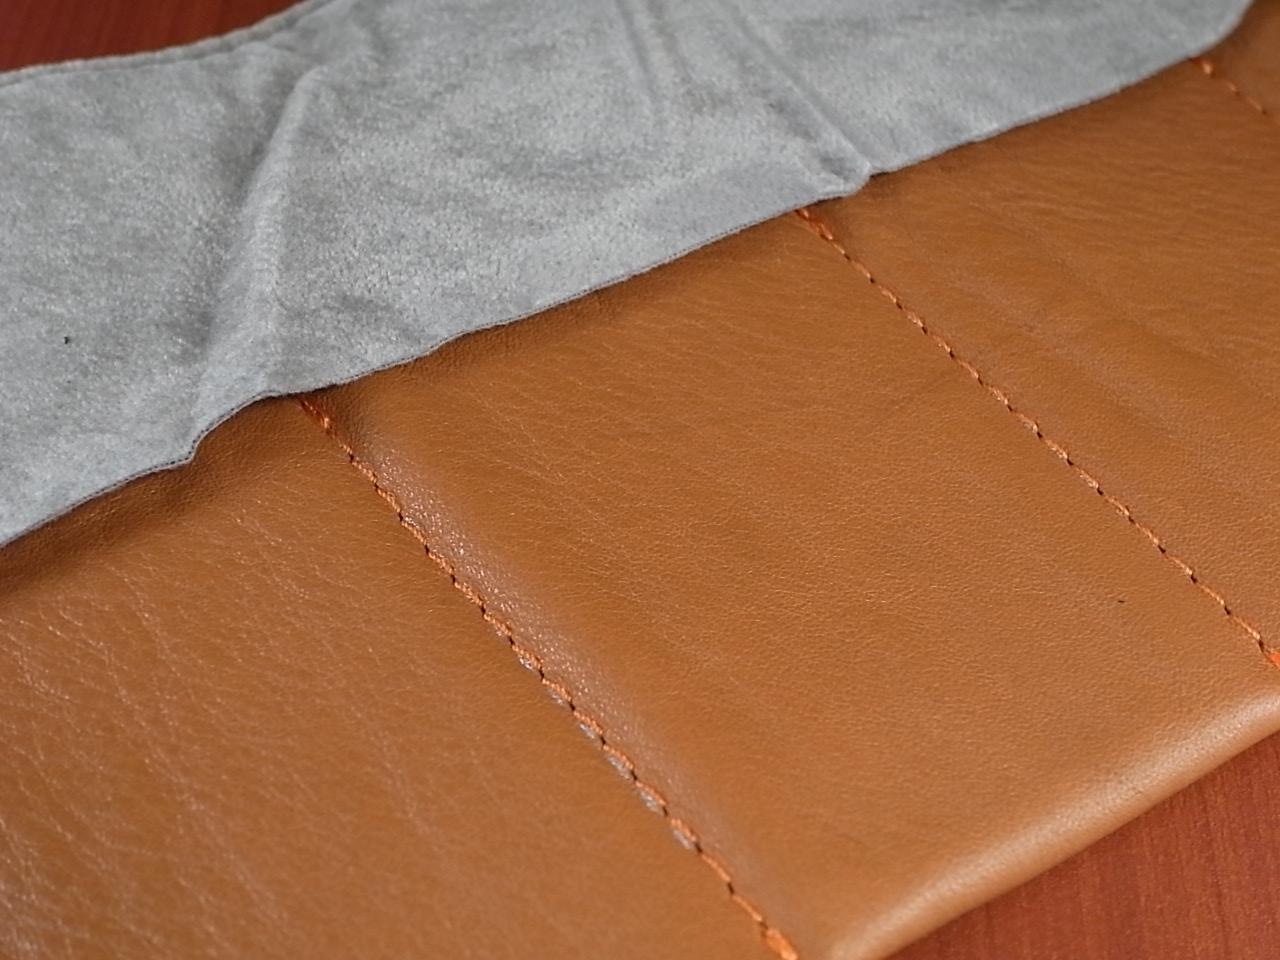 本革時計ケース 携帯タイプ 6本用 イタリア製 茶 オレンジステッチの写真4枚目